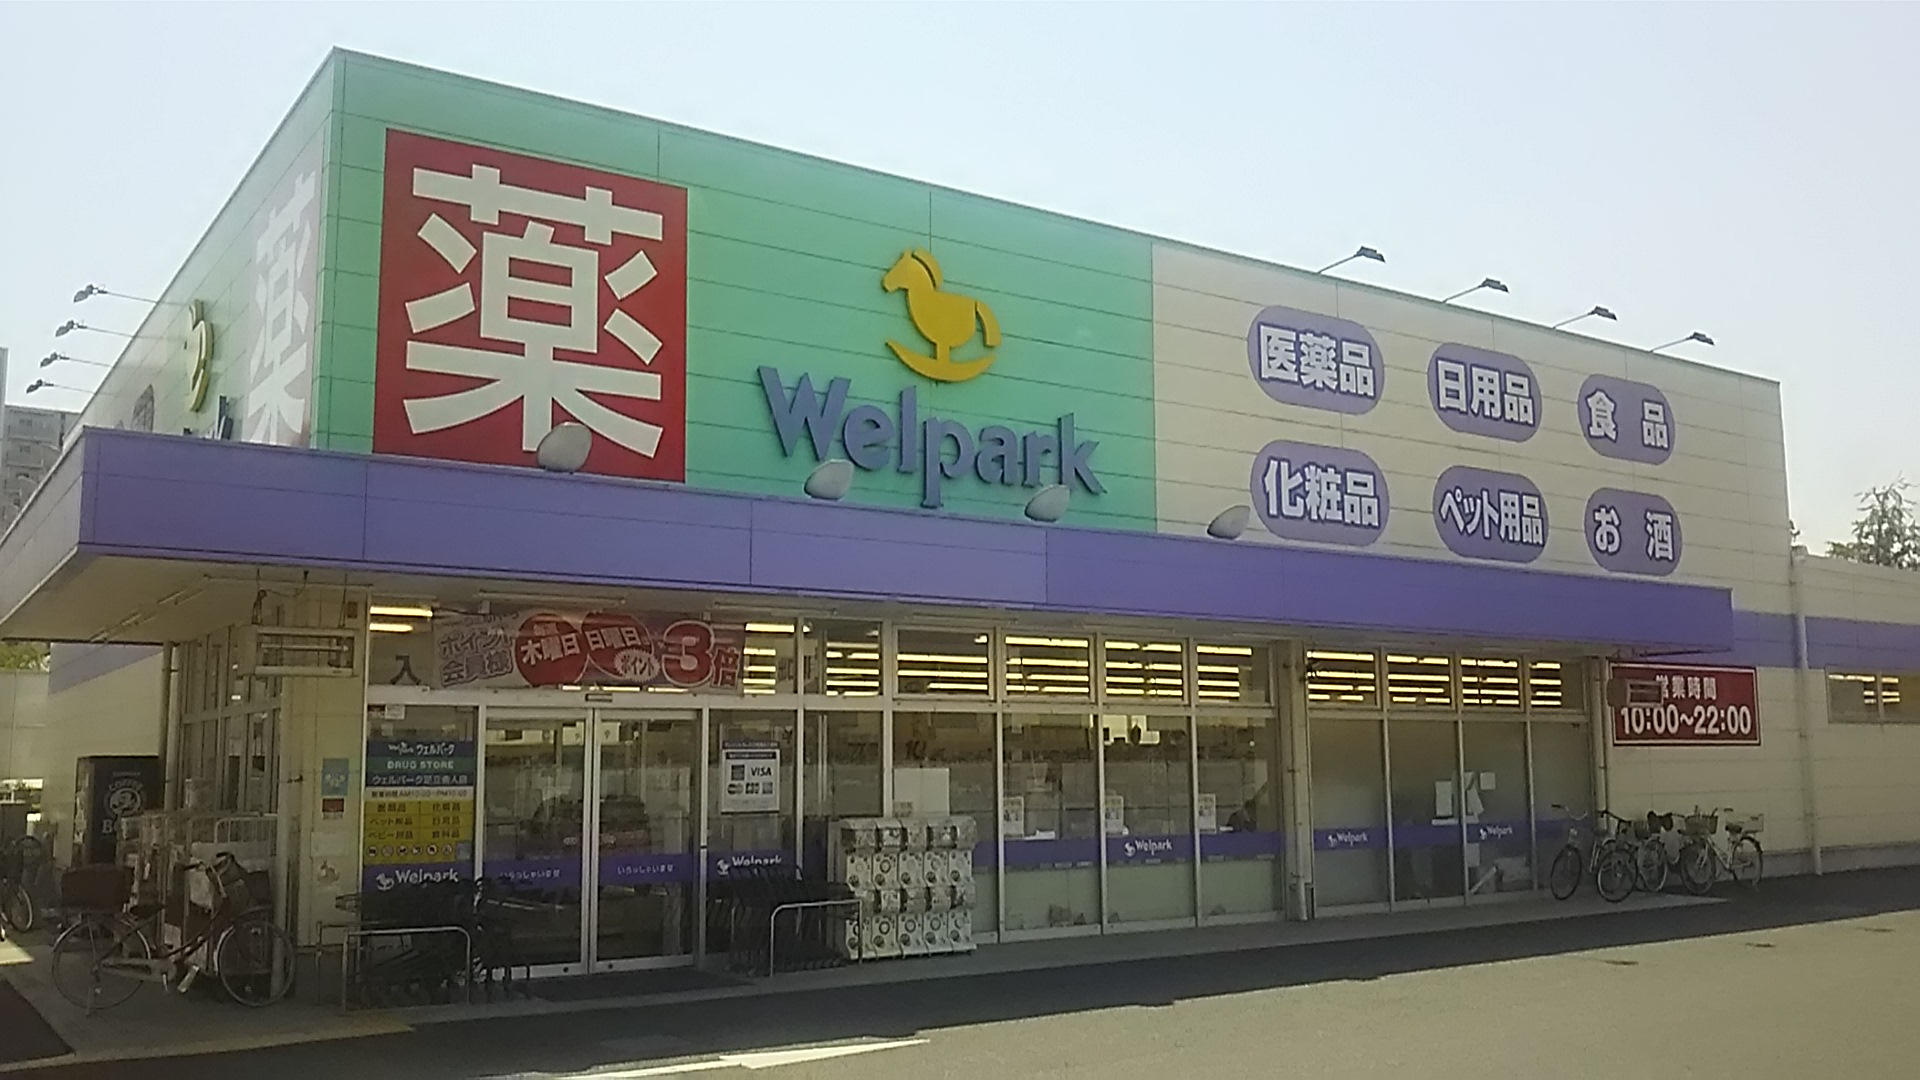 ドラッグストア:Welpark(ウェルパーク) 足立舎人店 571m